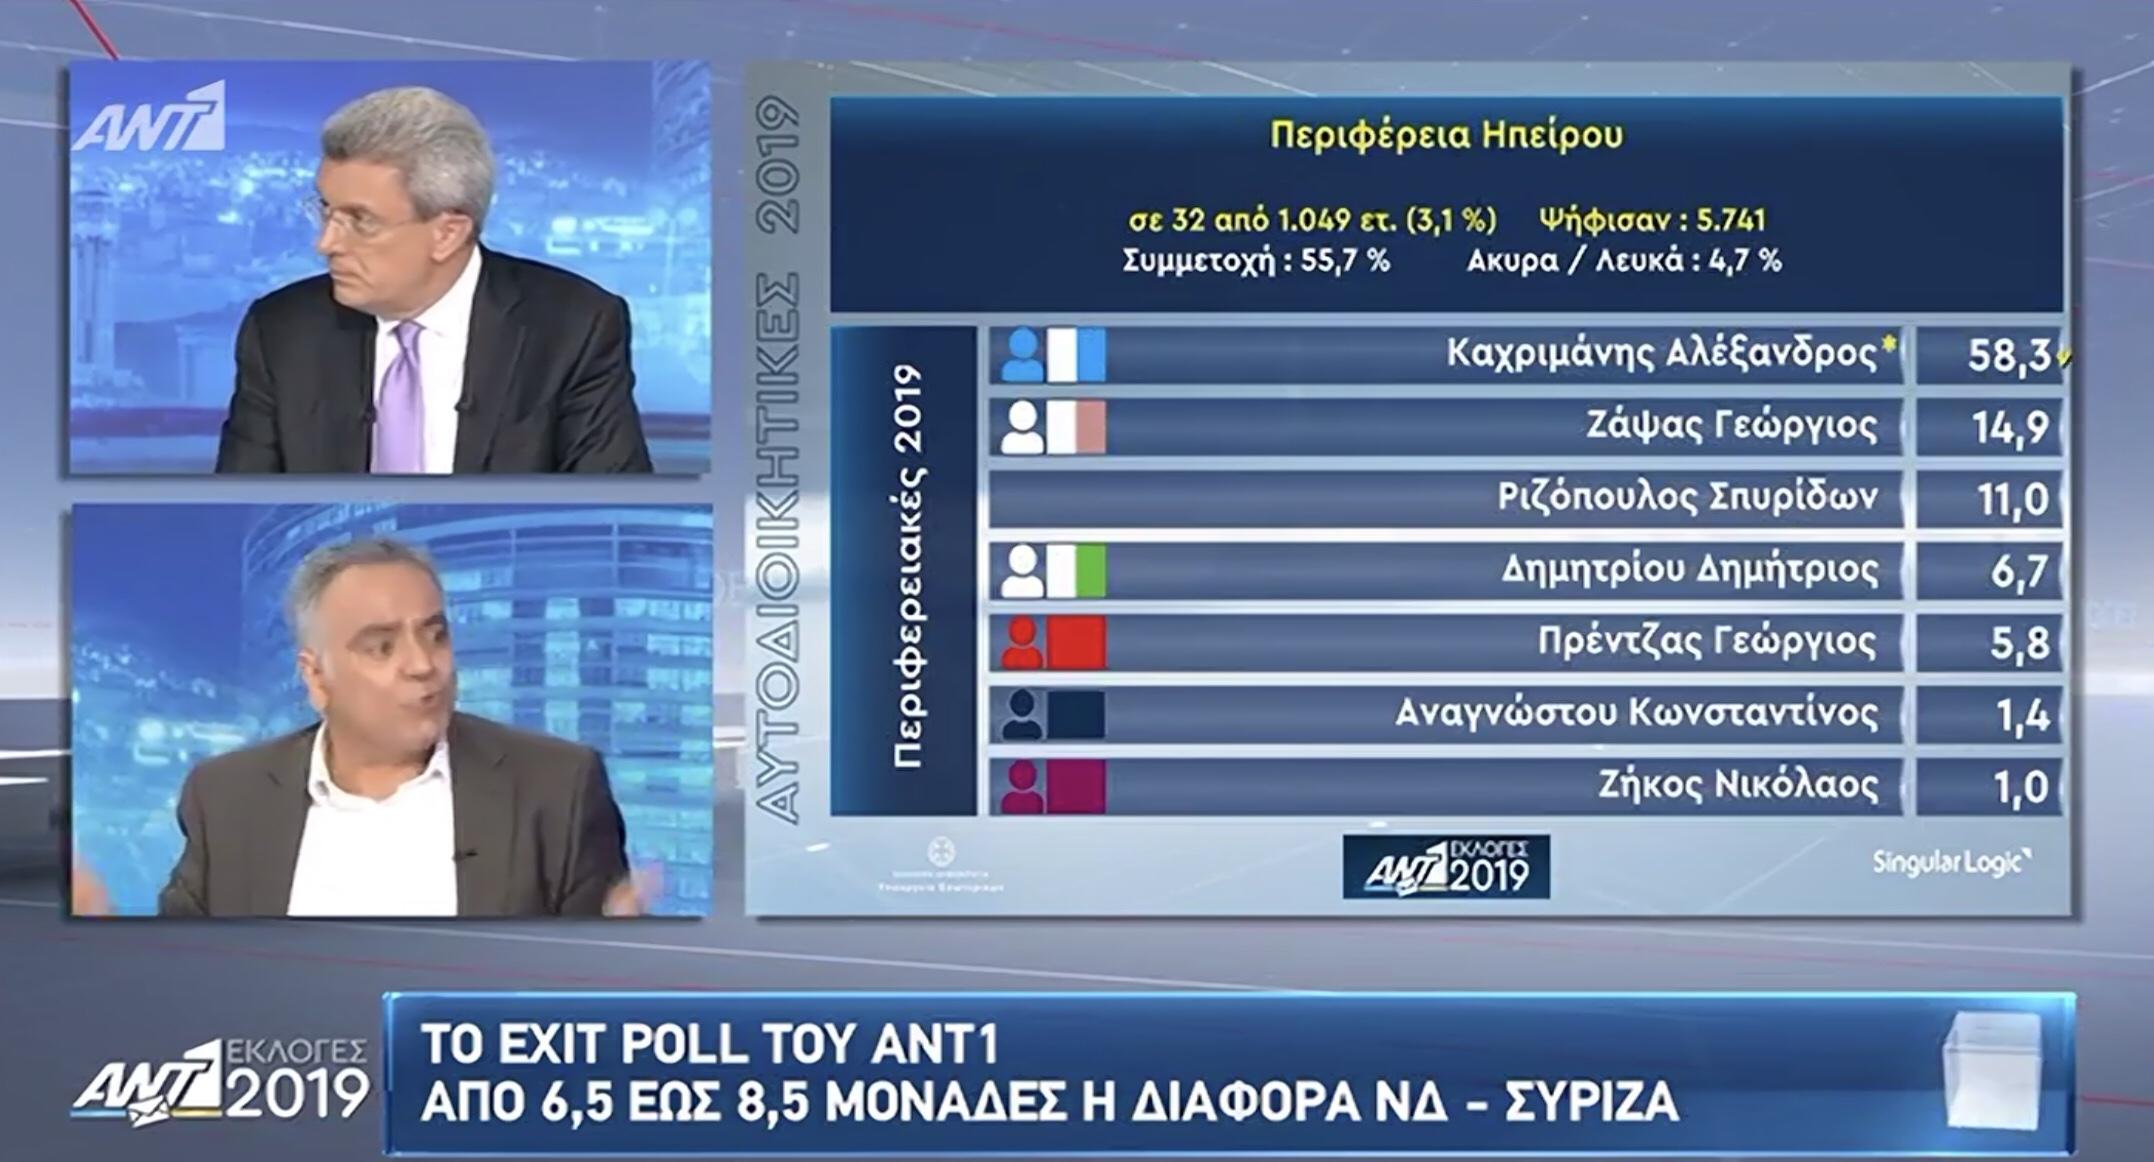 Σαρώνει ο Αλέξανδρος Καχριμάνης στην Ήπειρο σύμφωνα με τα πρώτα αποτελέσματα